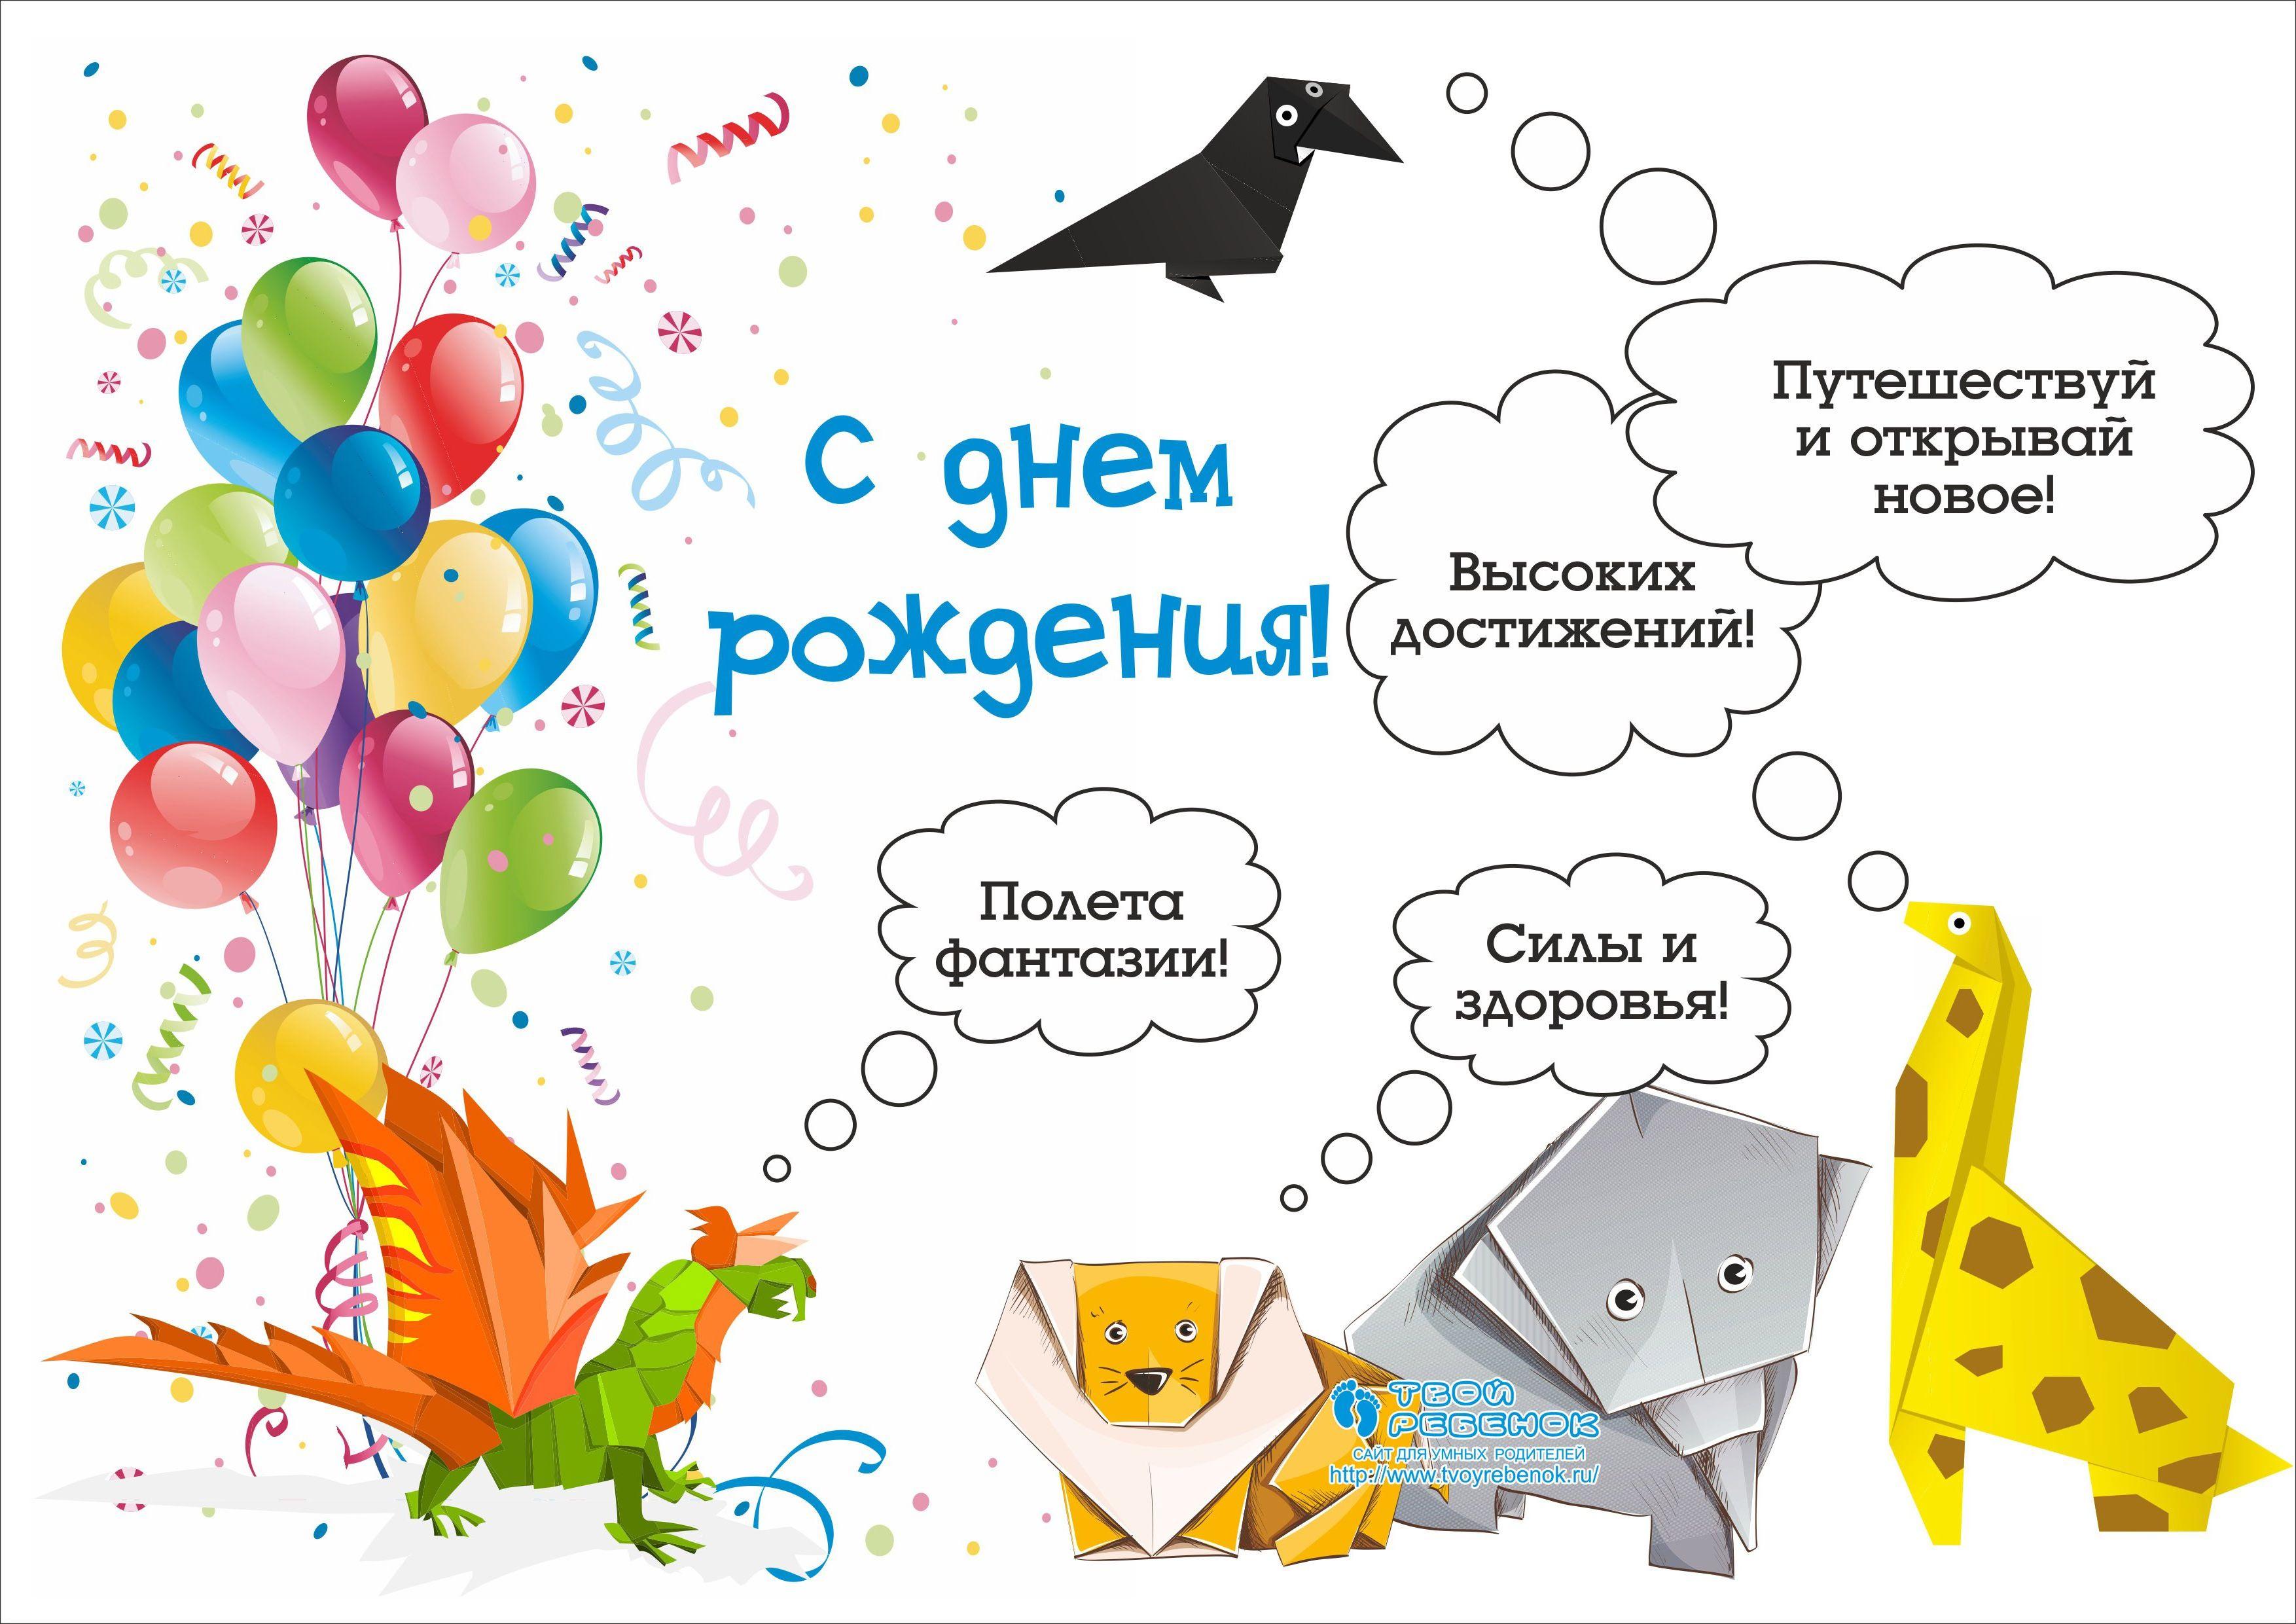 Слоган для поздравления с днем рождения